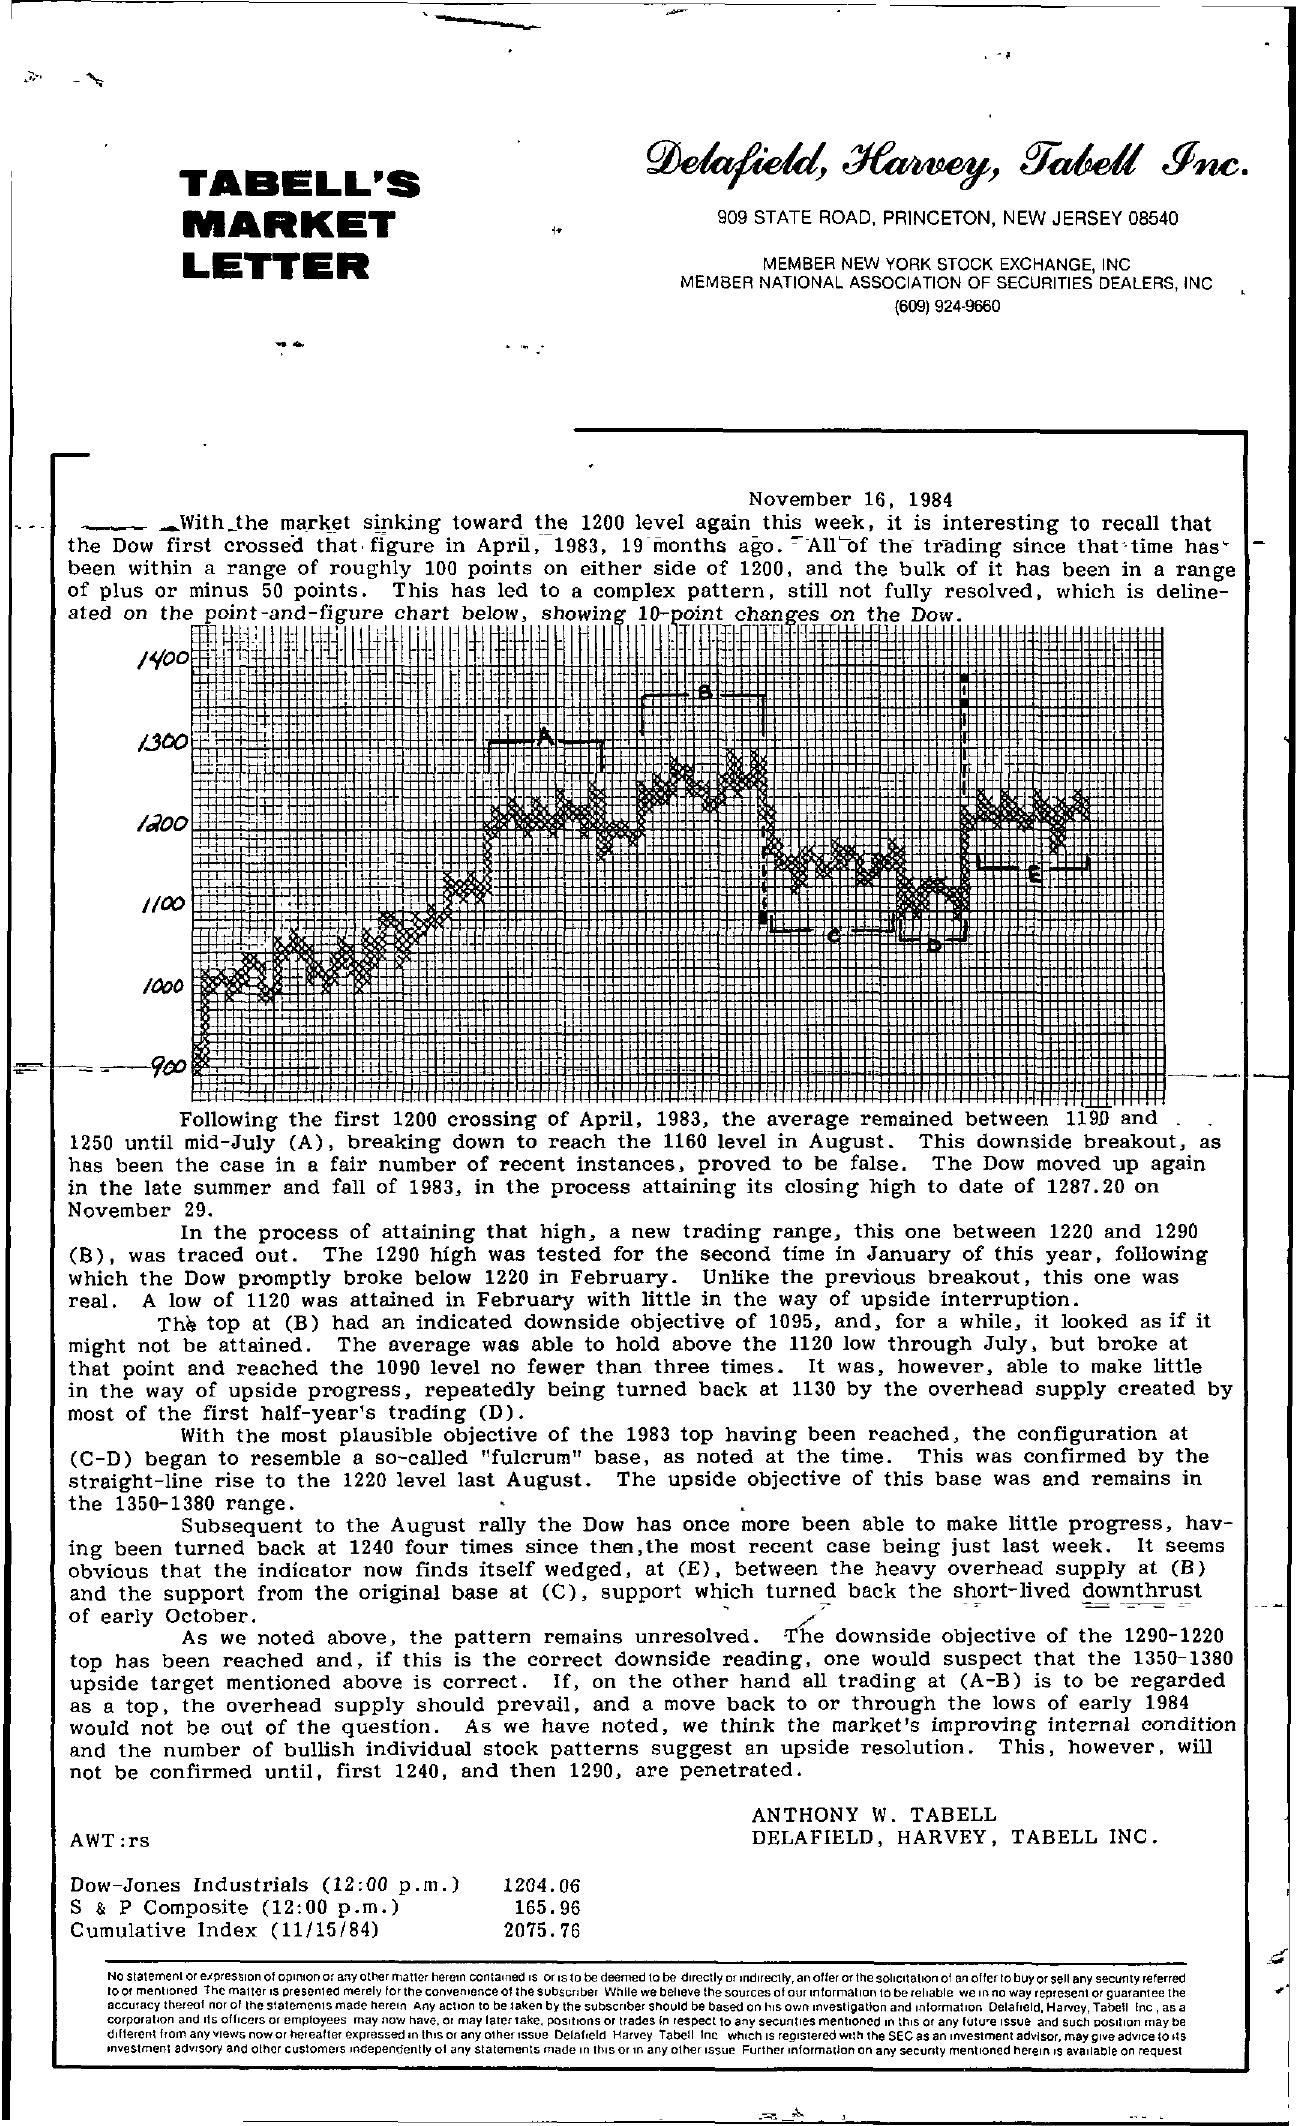 Tabell's Market Letter - November 16, 1984